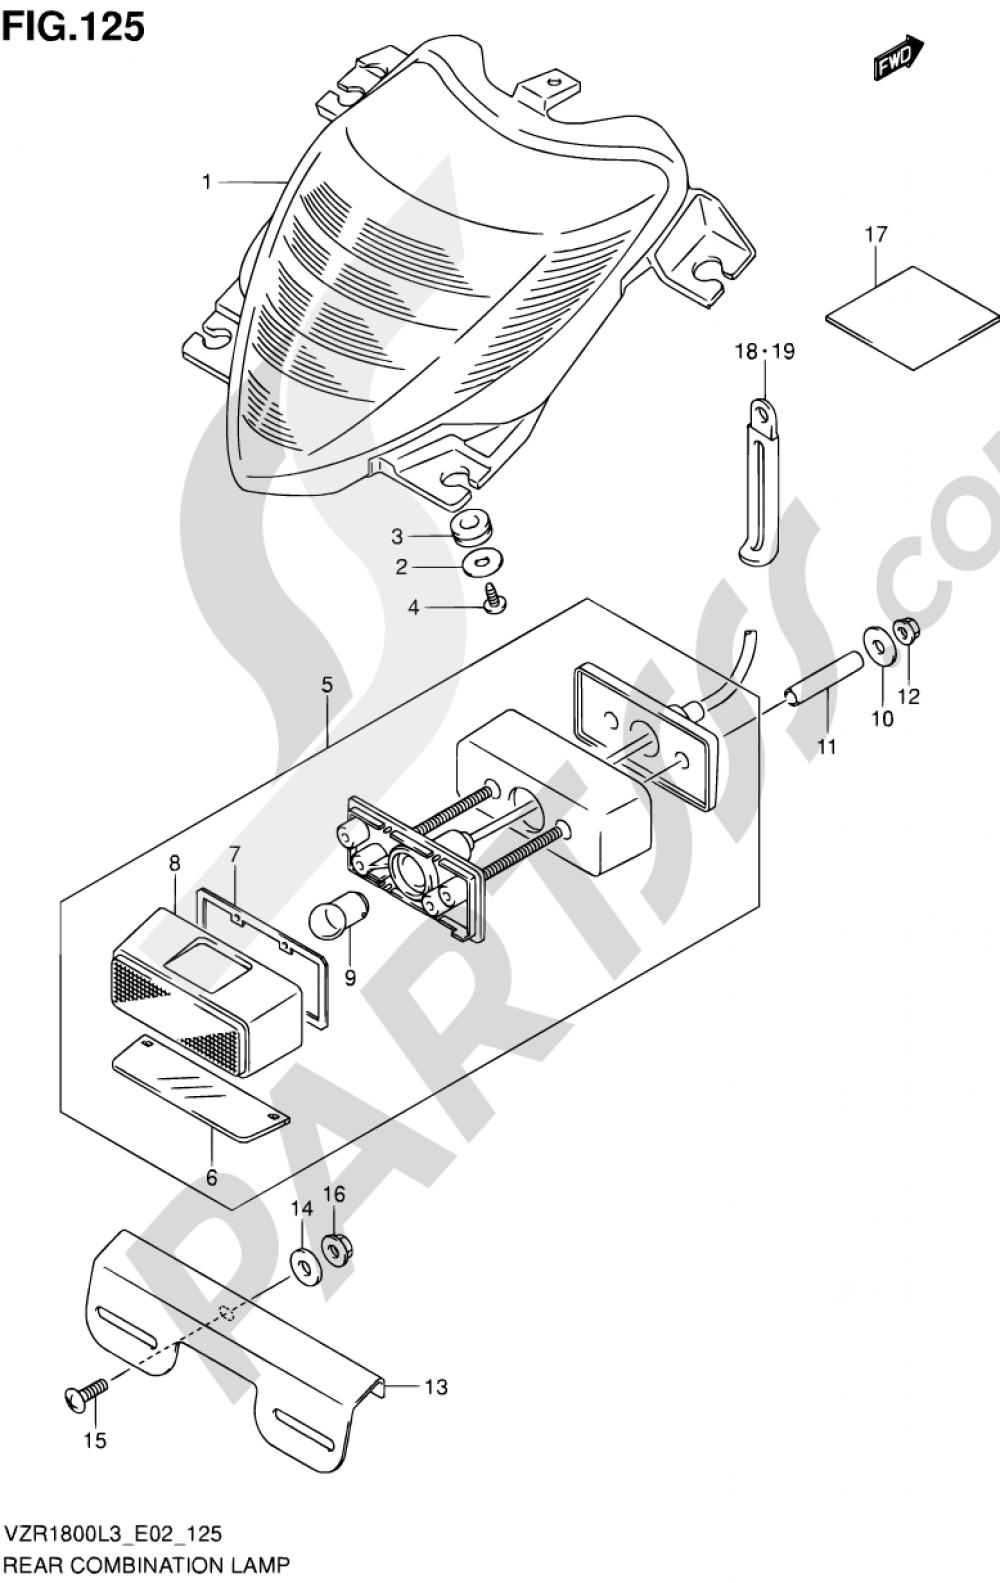 125 - REAR COMBINATION LAMP (VZR1800ZUFL3 E19) Suzuki VZR1800 2013